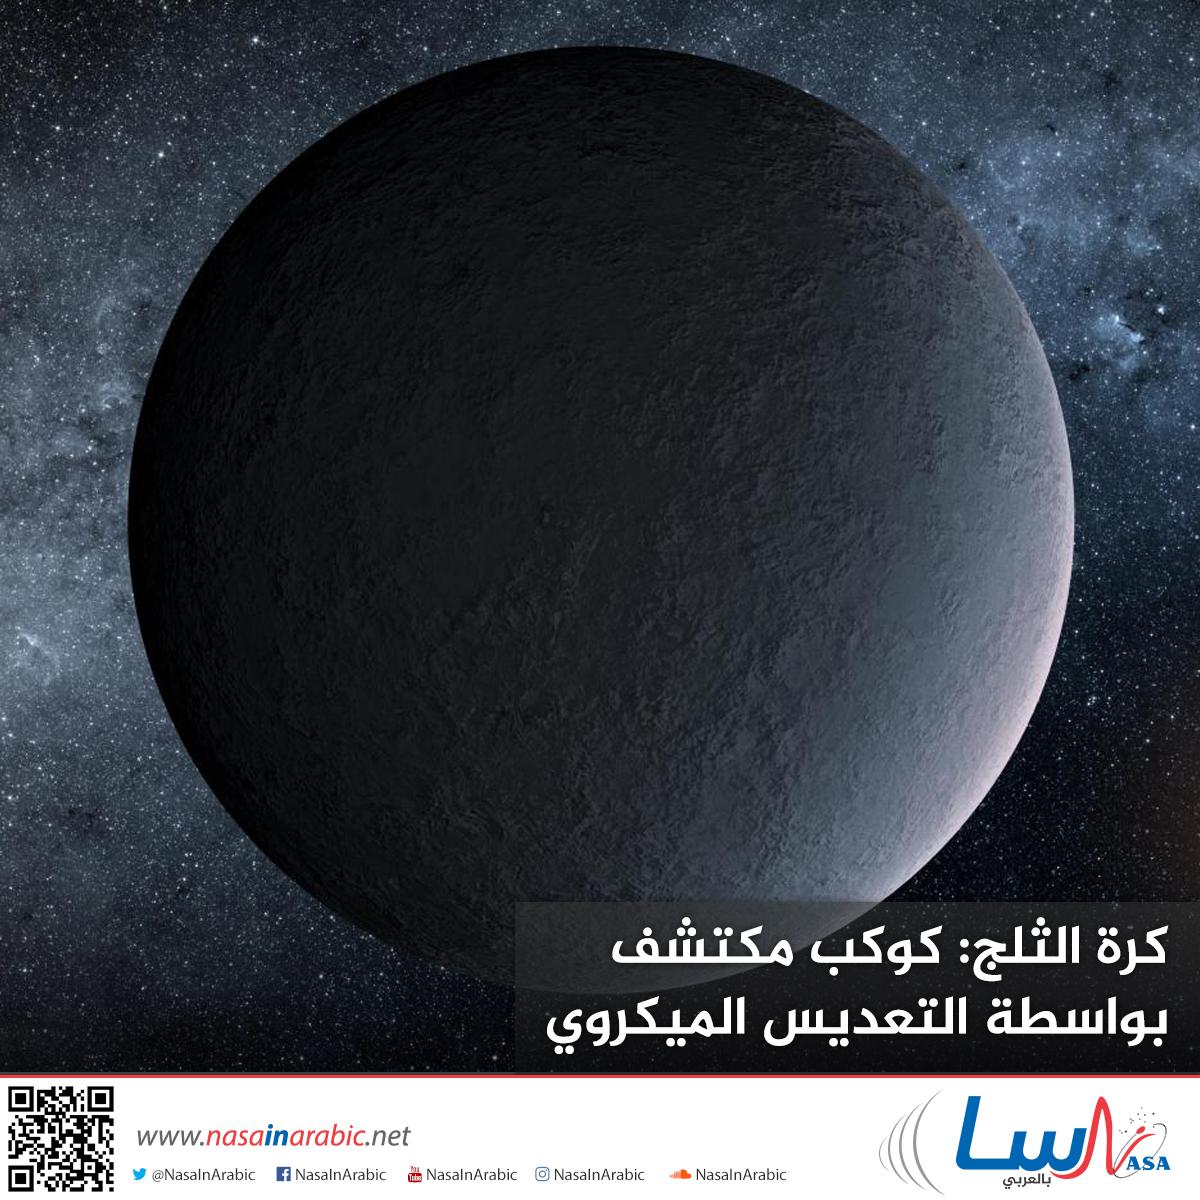 كرة الثلج: كوكب مكتشف بواسطة التعديس الميكروي